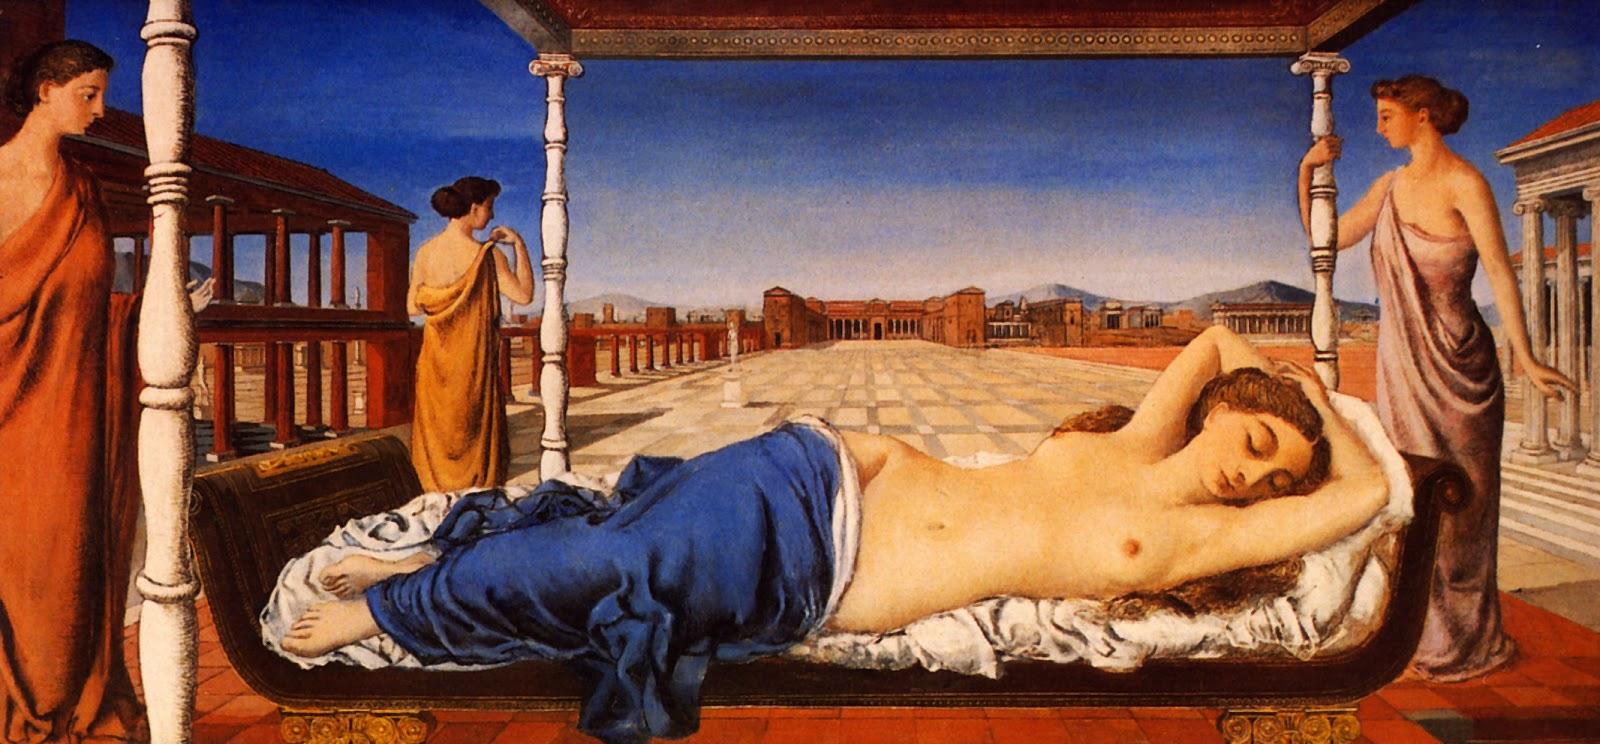 La Venus Endormie (Paul Delvaux, 1943)